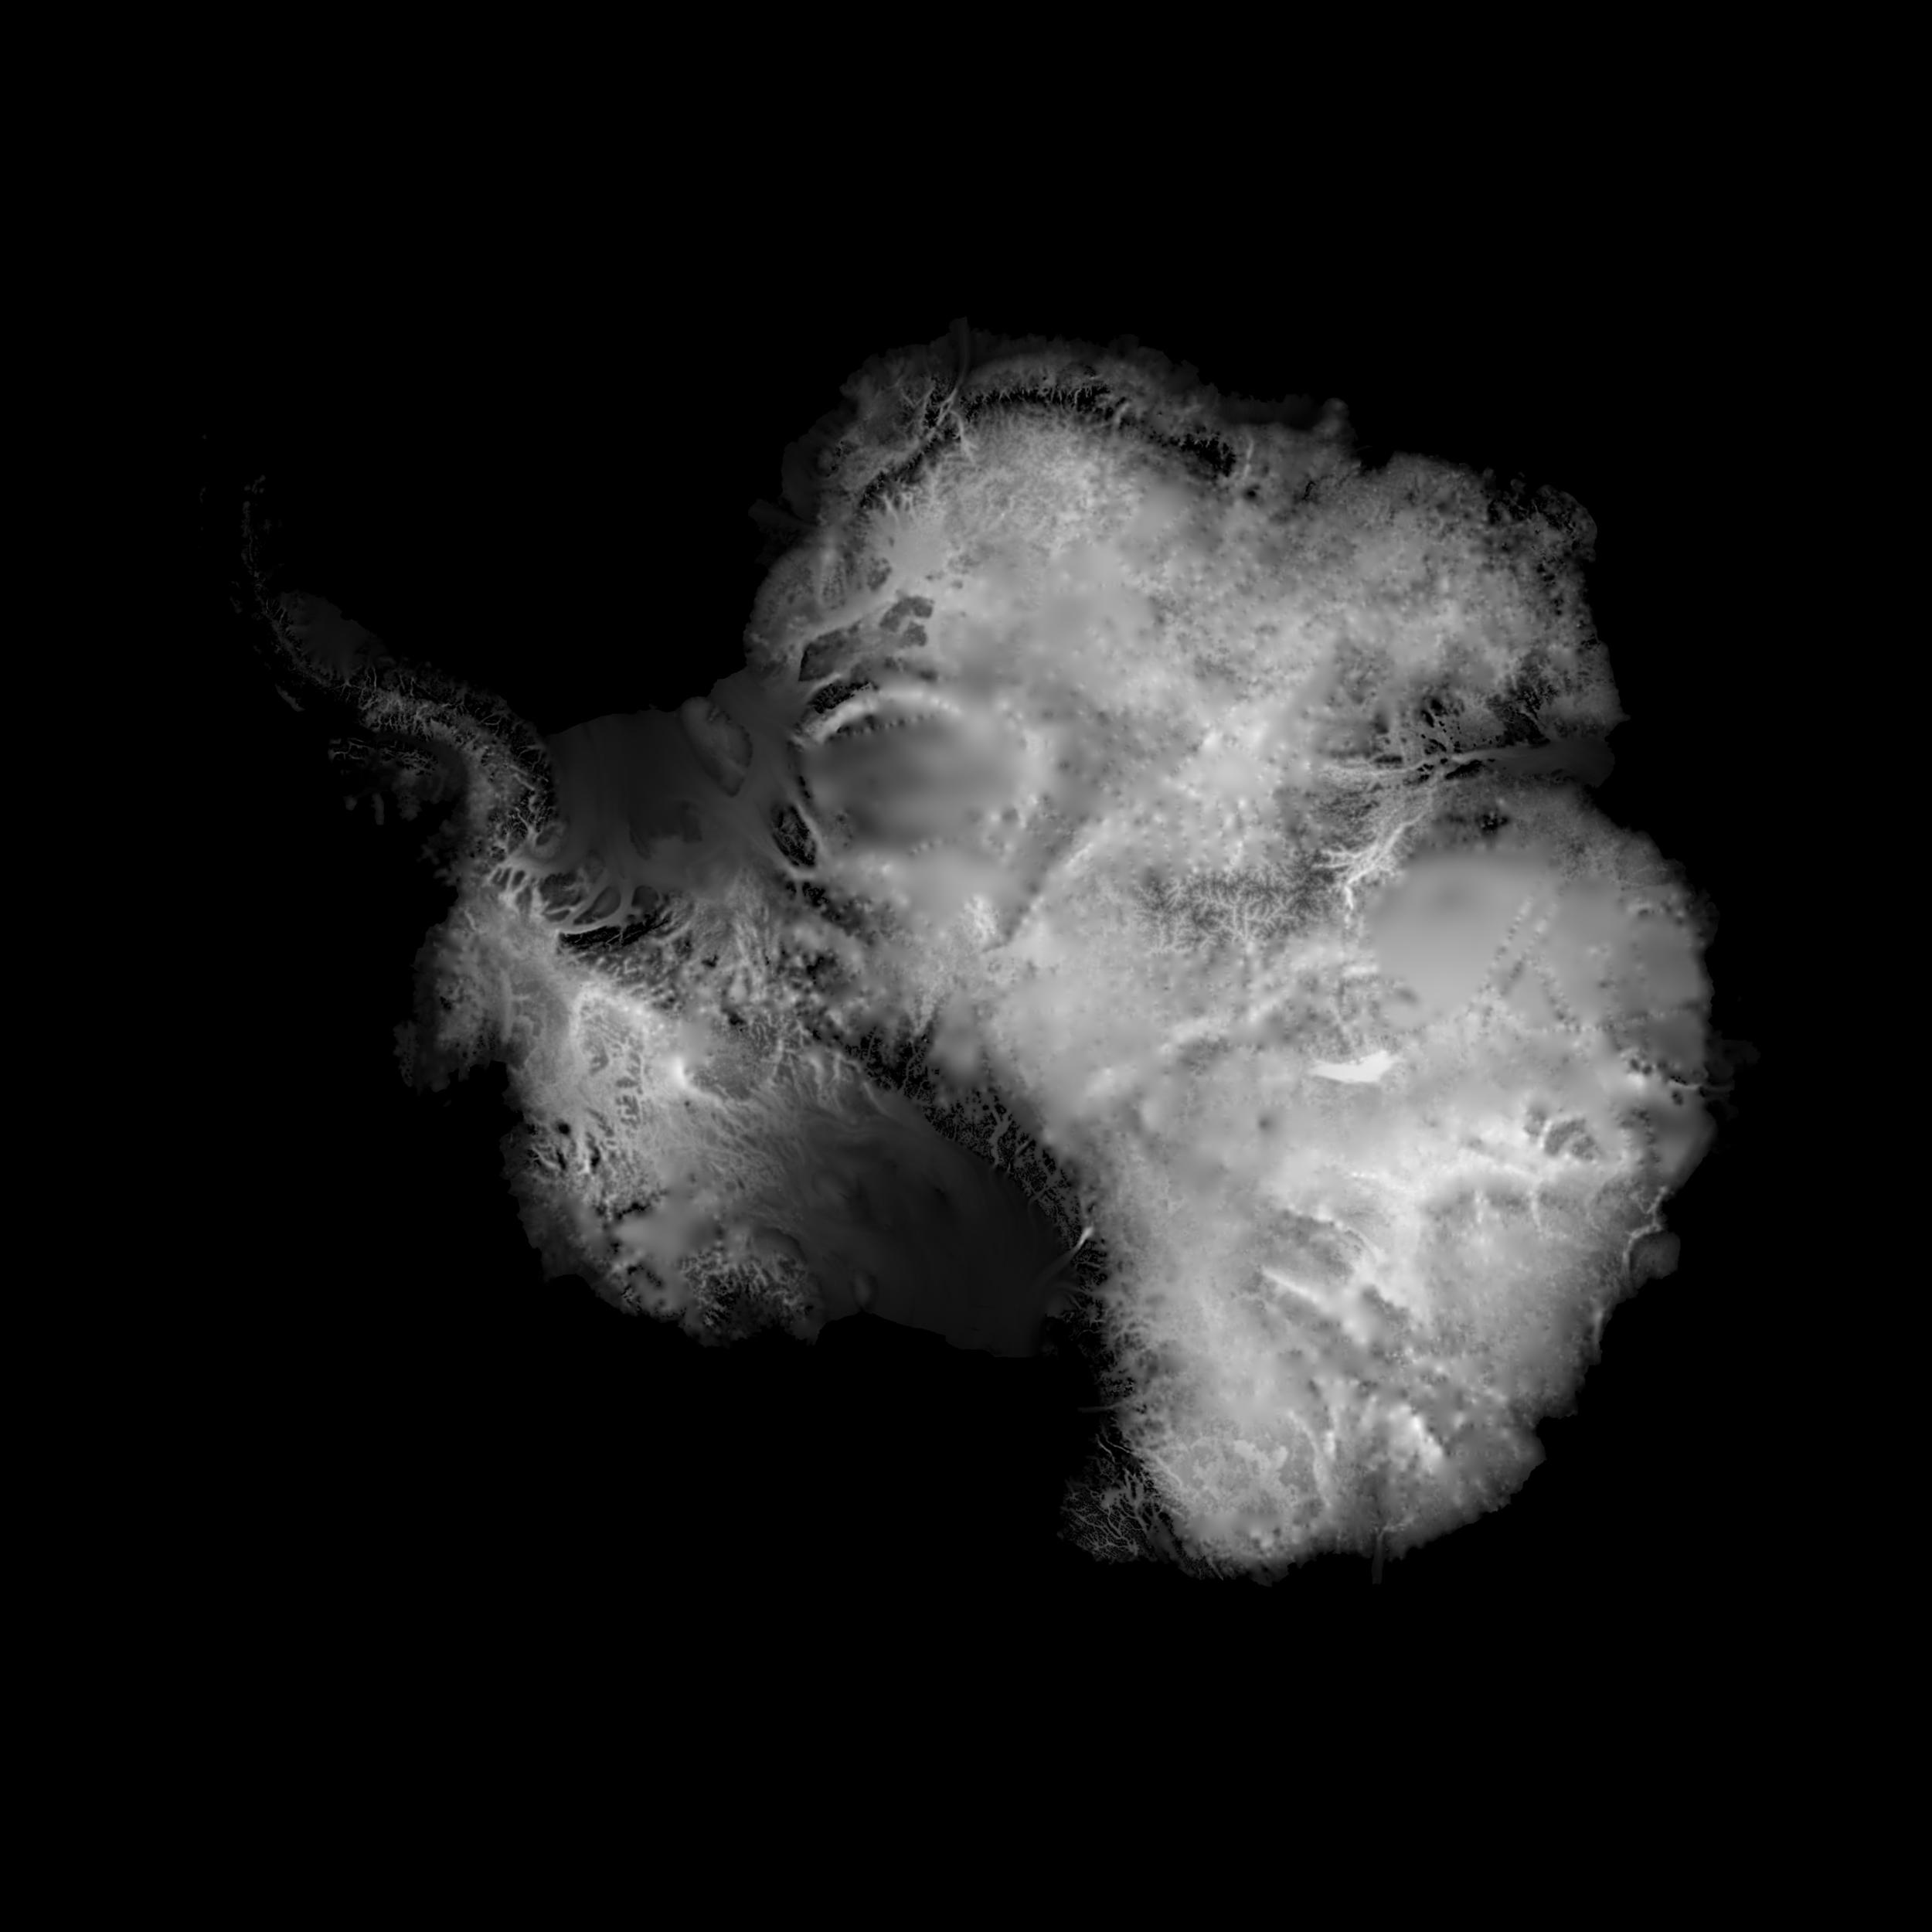 Antarctic ice thickness                                                BedMap2 + Somedudeonasofa